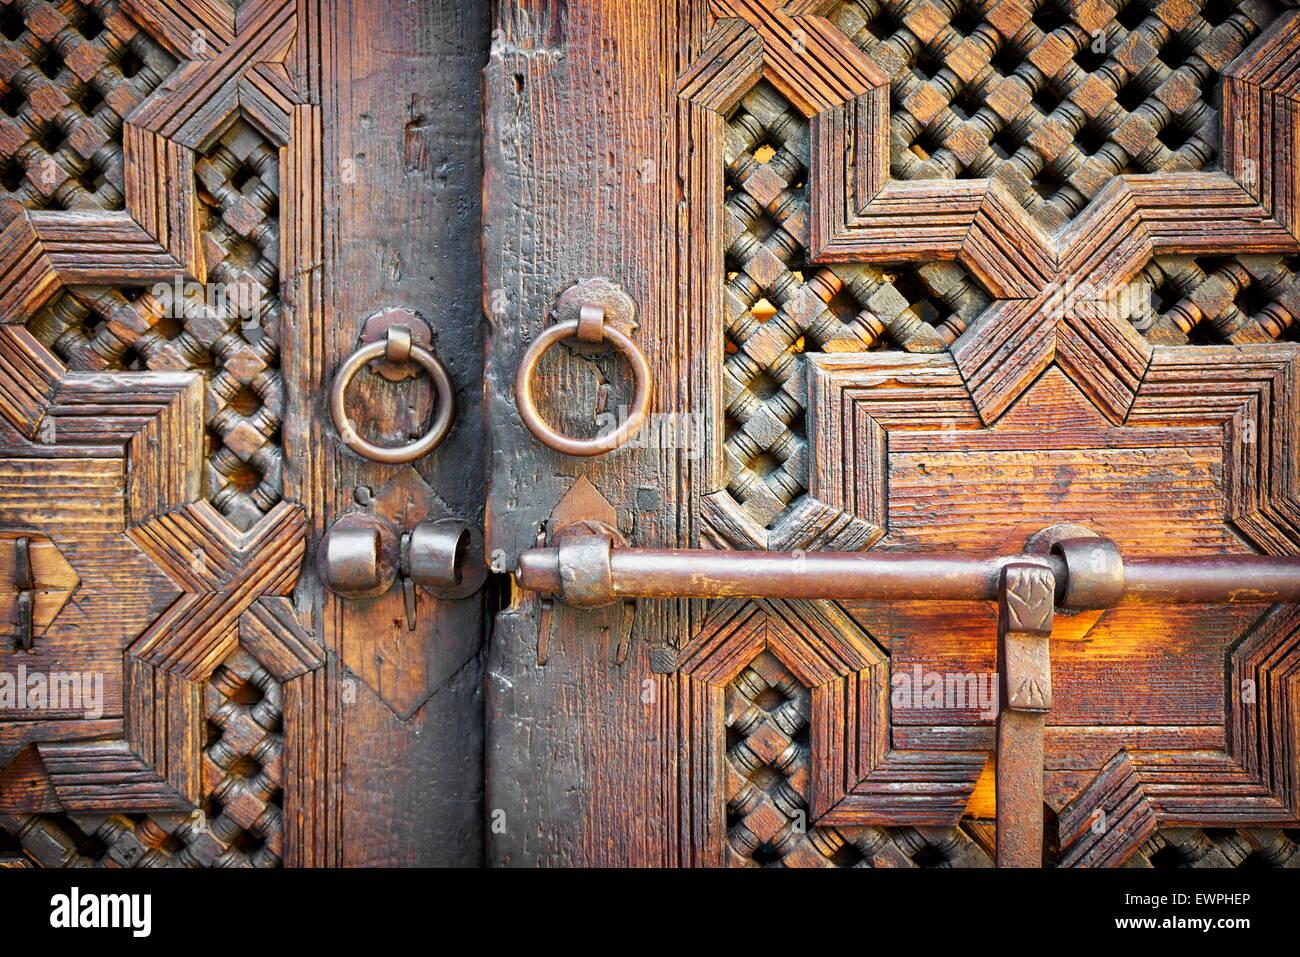 La ville de Fès. Porte en bois historique dans maison ancienne, Médina. Détail de l'ornement Photo Stock